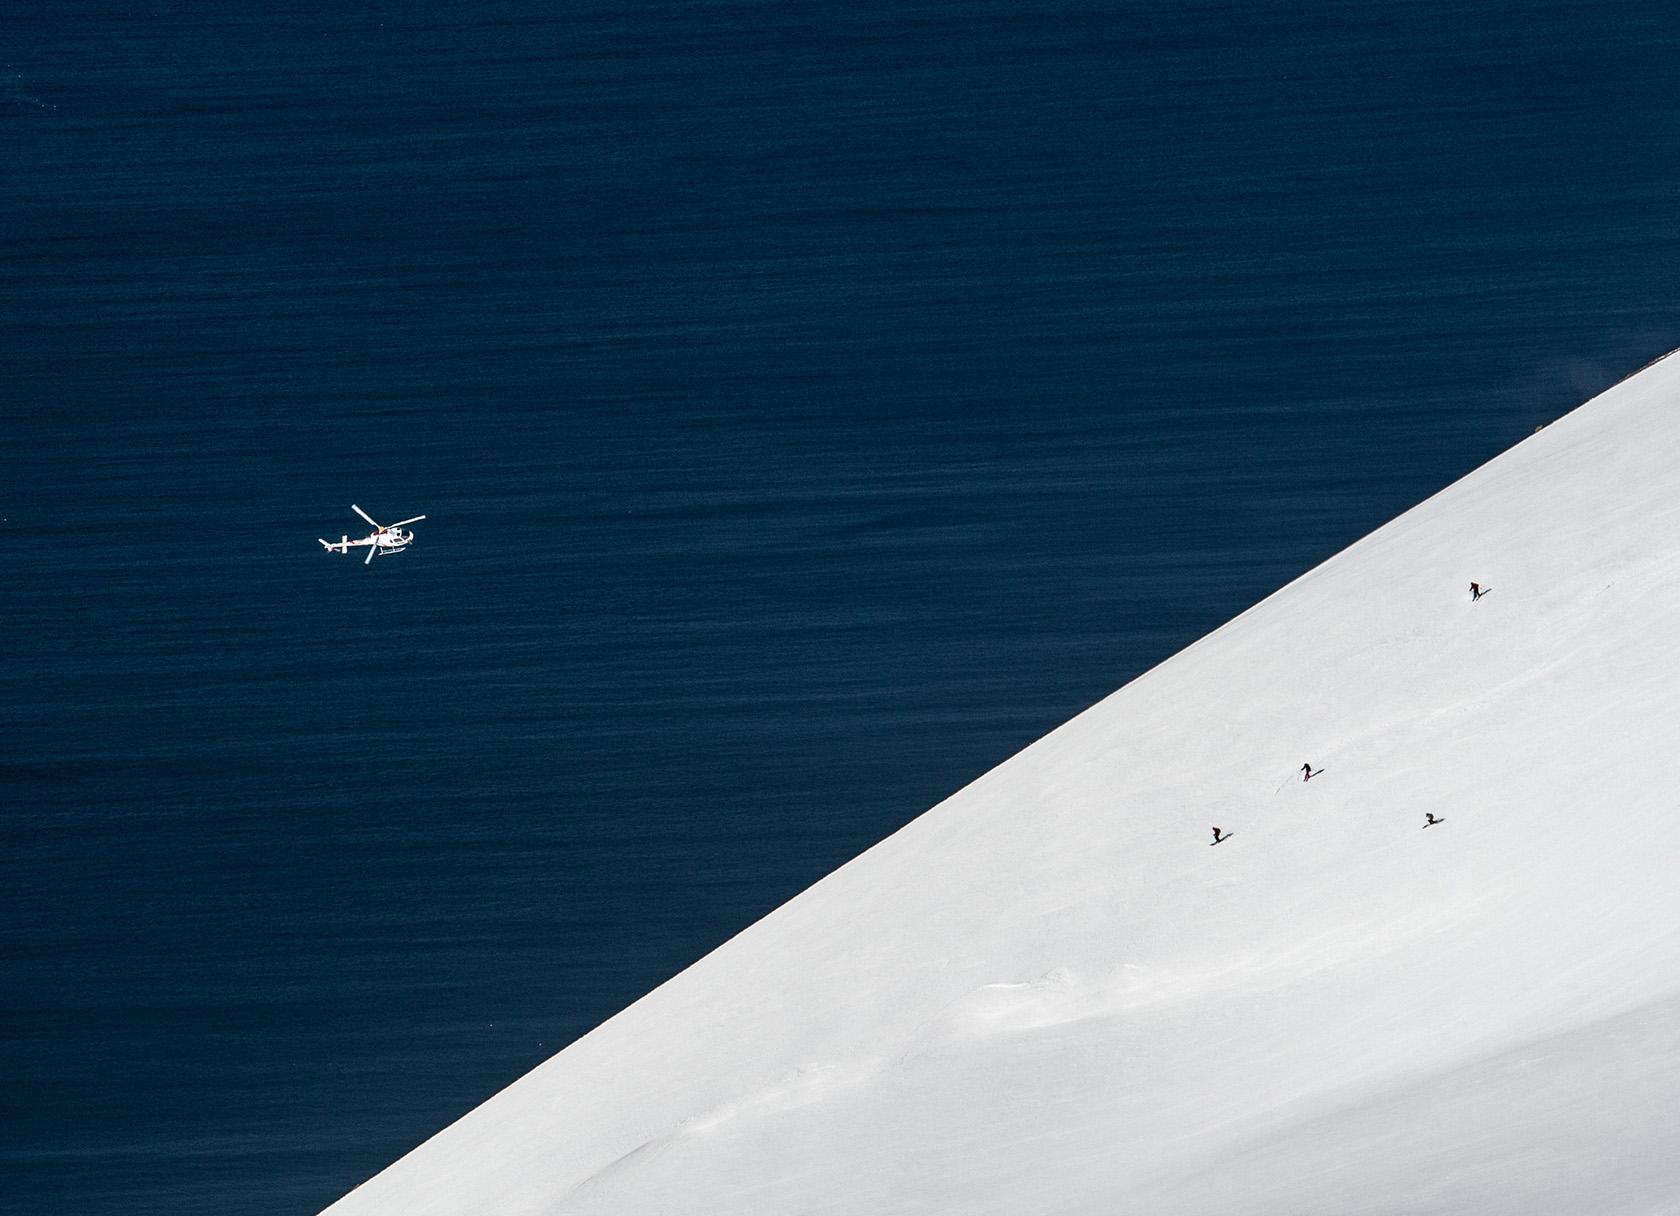 iceland heli sking